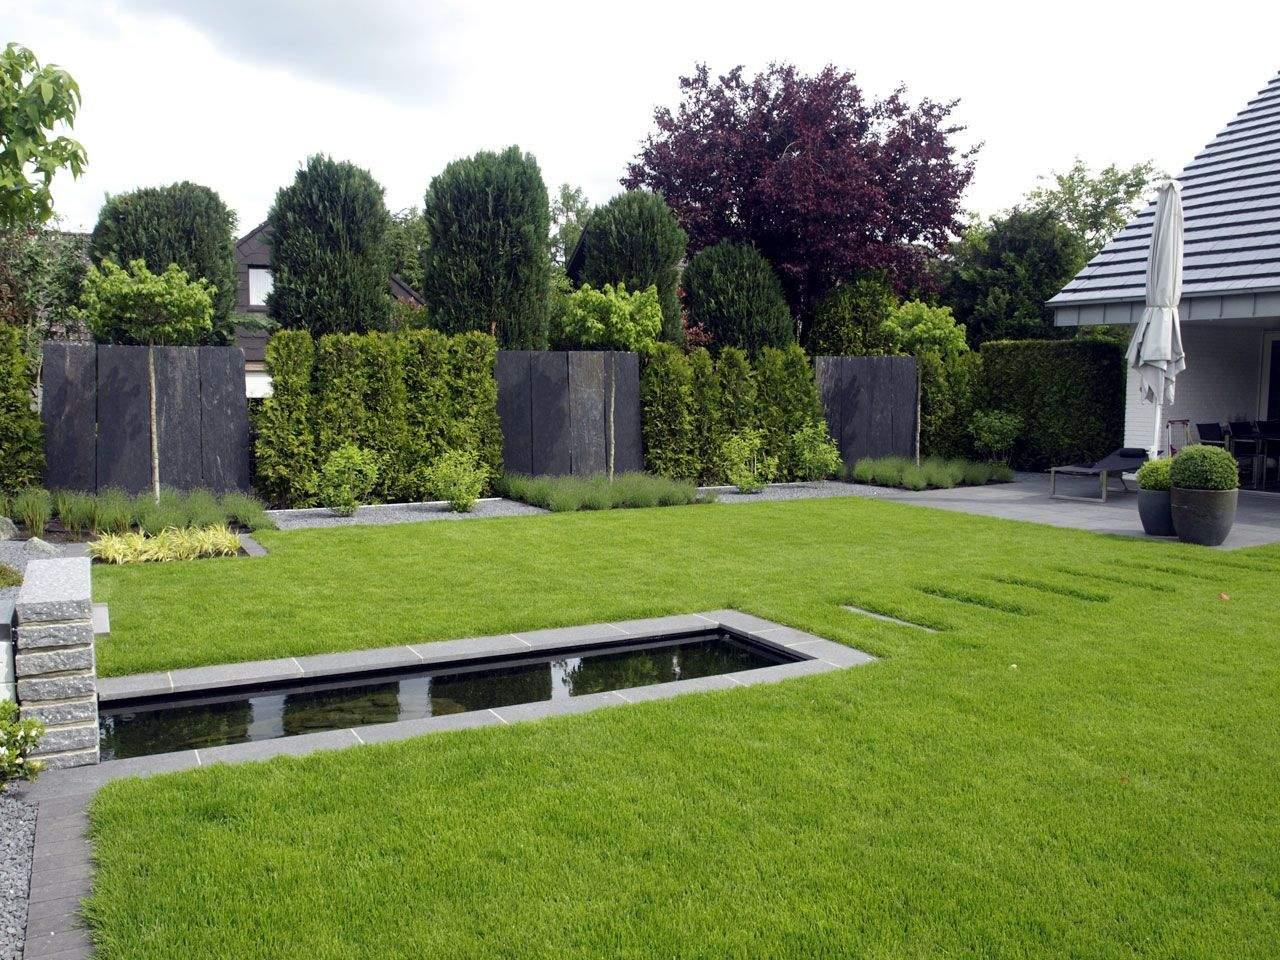 Idee Garten Das Beste Von Gärten Geradlinig Gestaltet